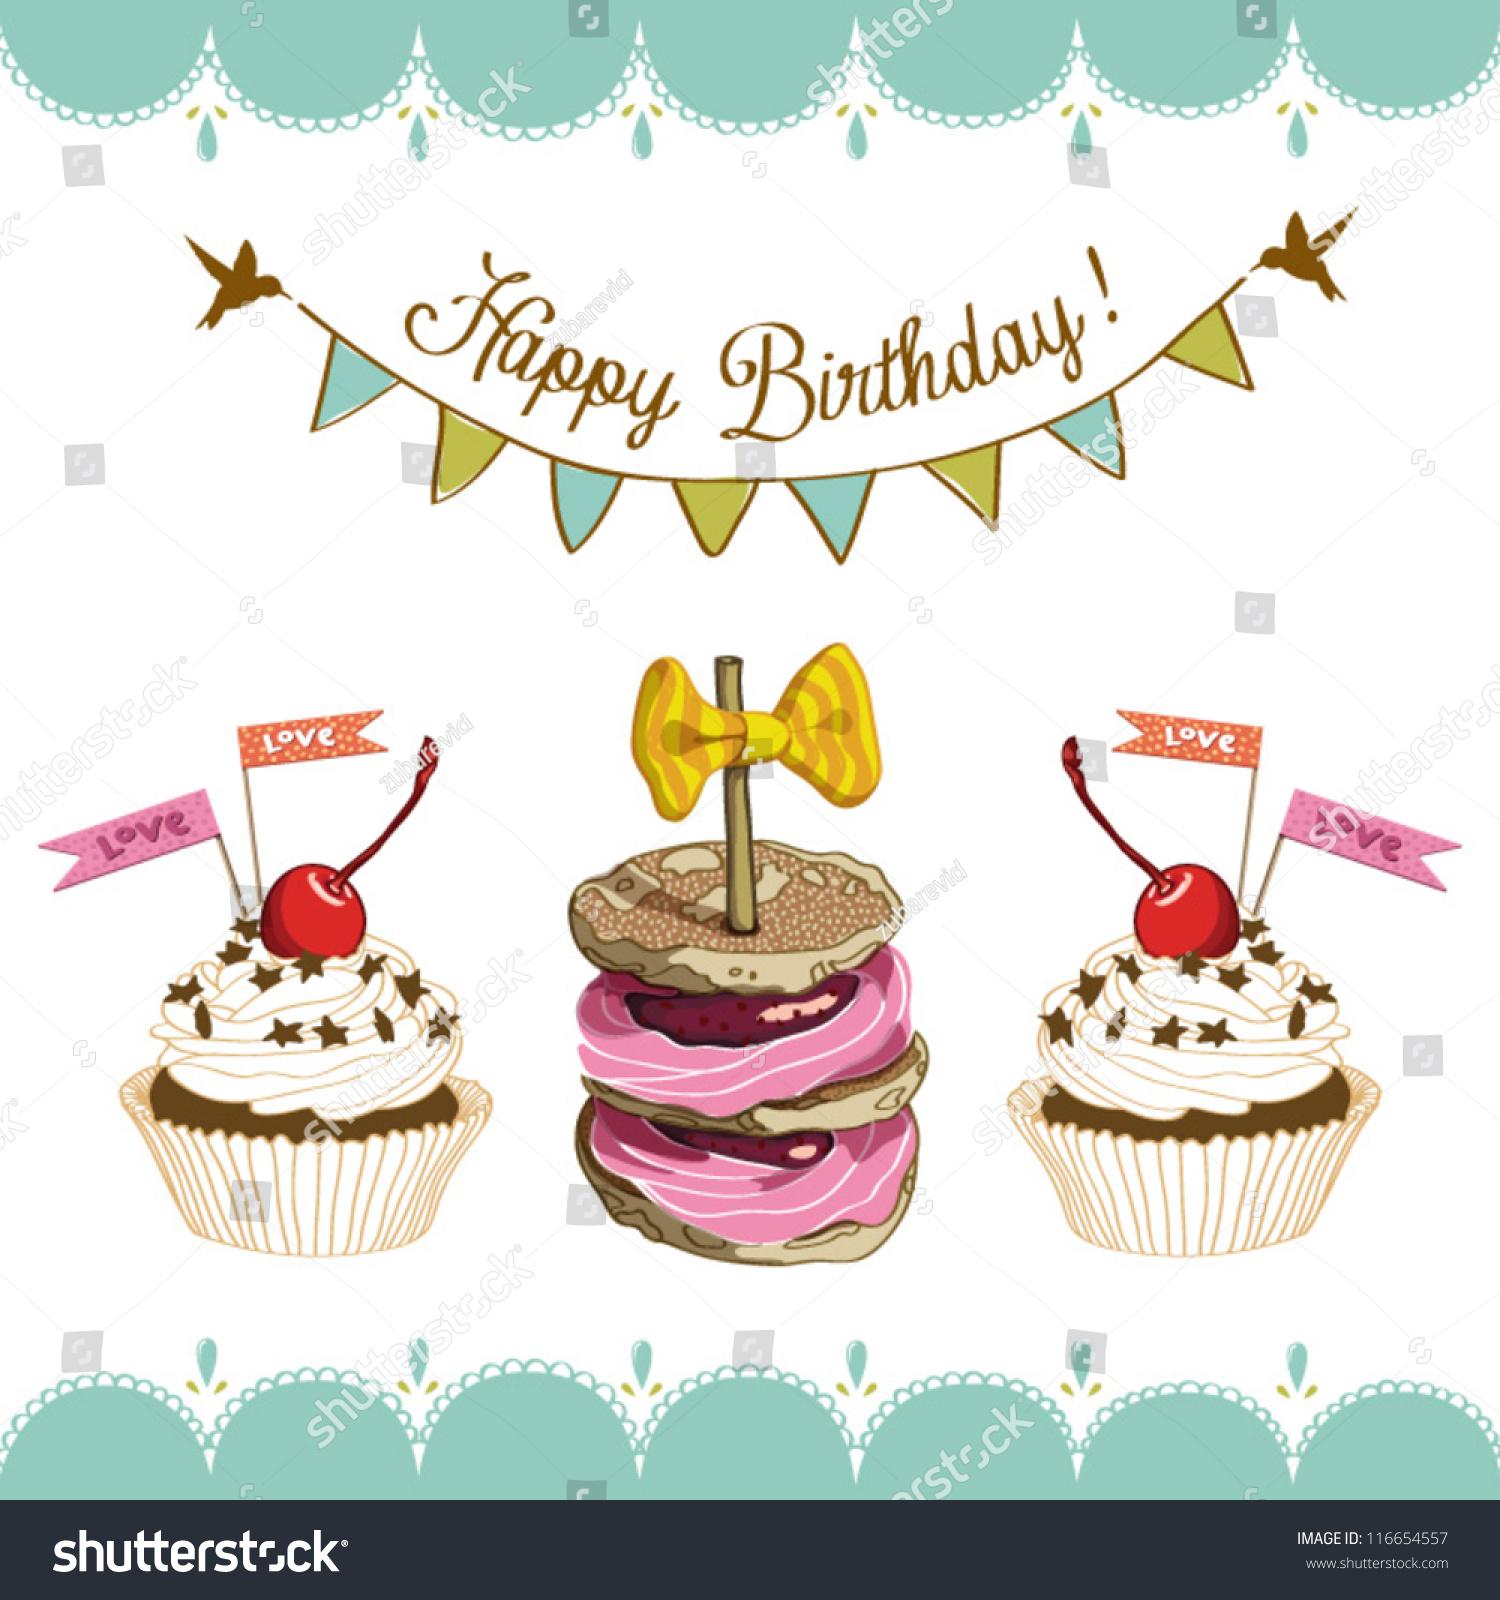 Résultats de recherche d'images pour «happy birthday illustration»